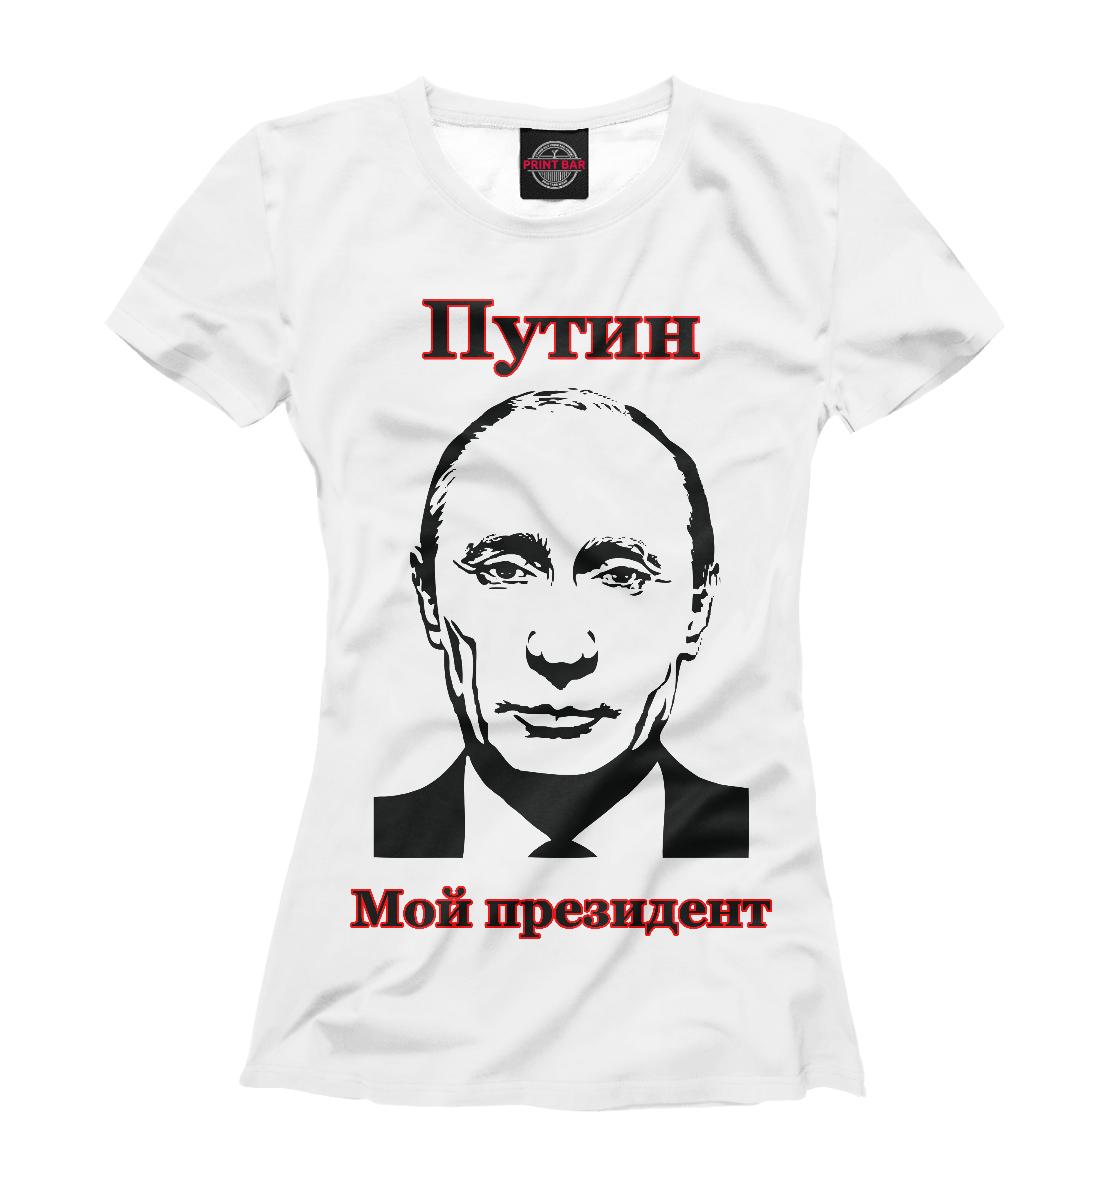 Купить Путин - мой президент, Printbar, Футболки, PUT-683399-fut-1